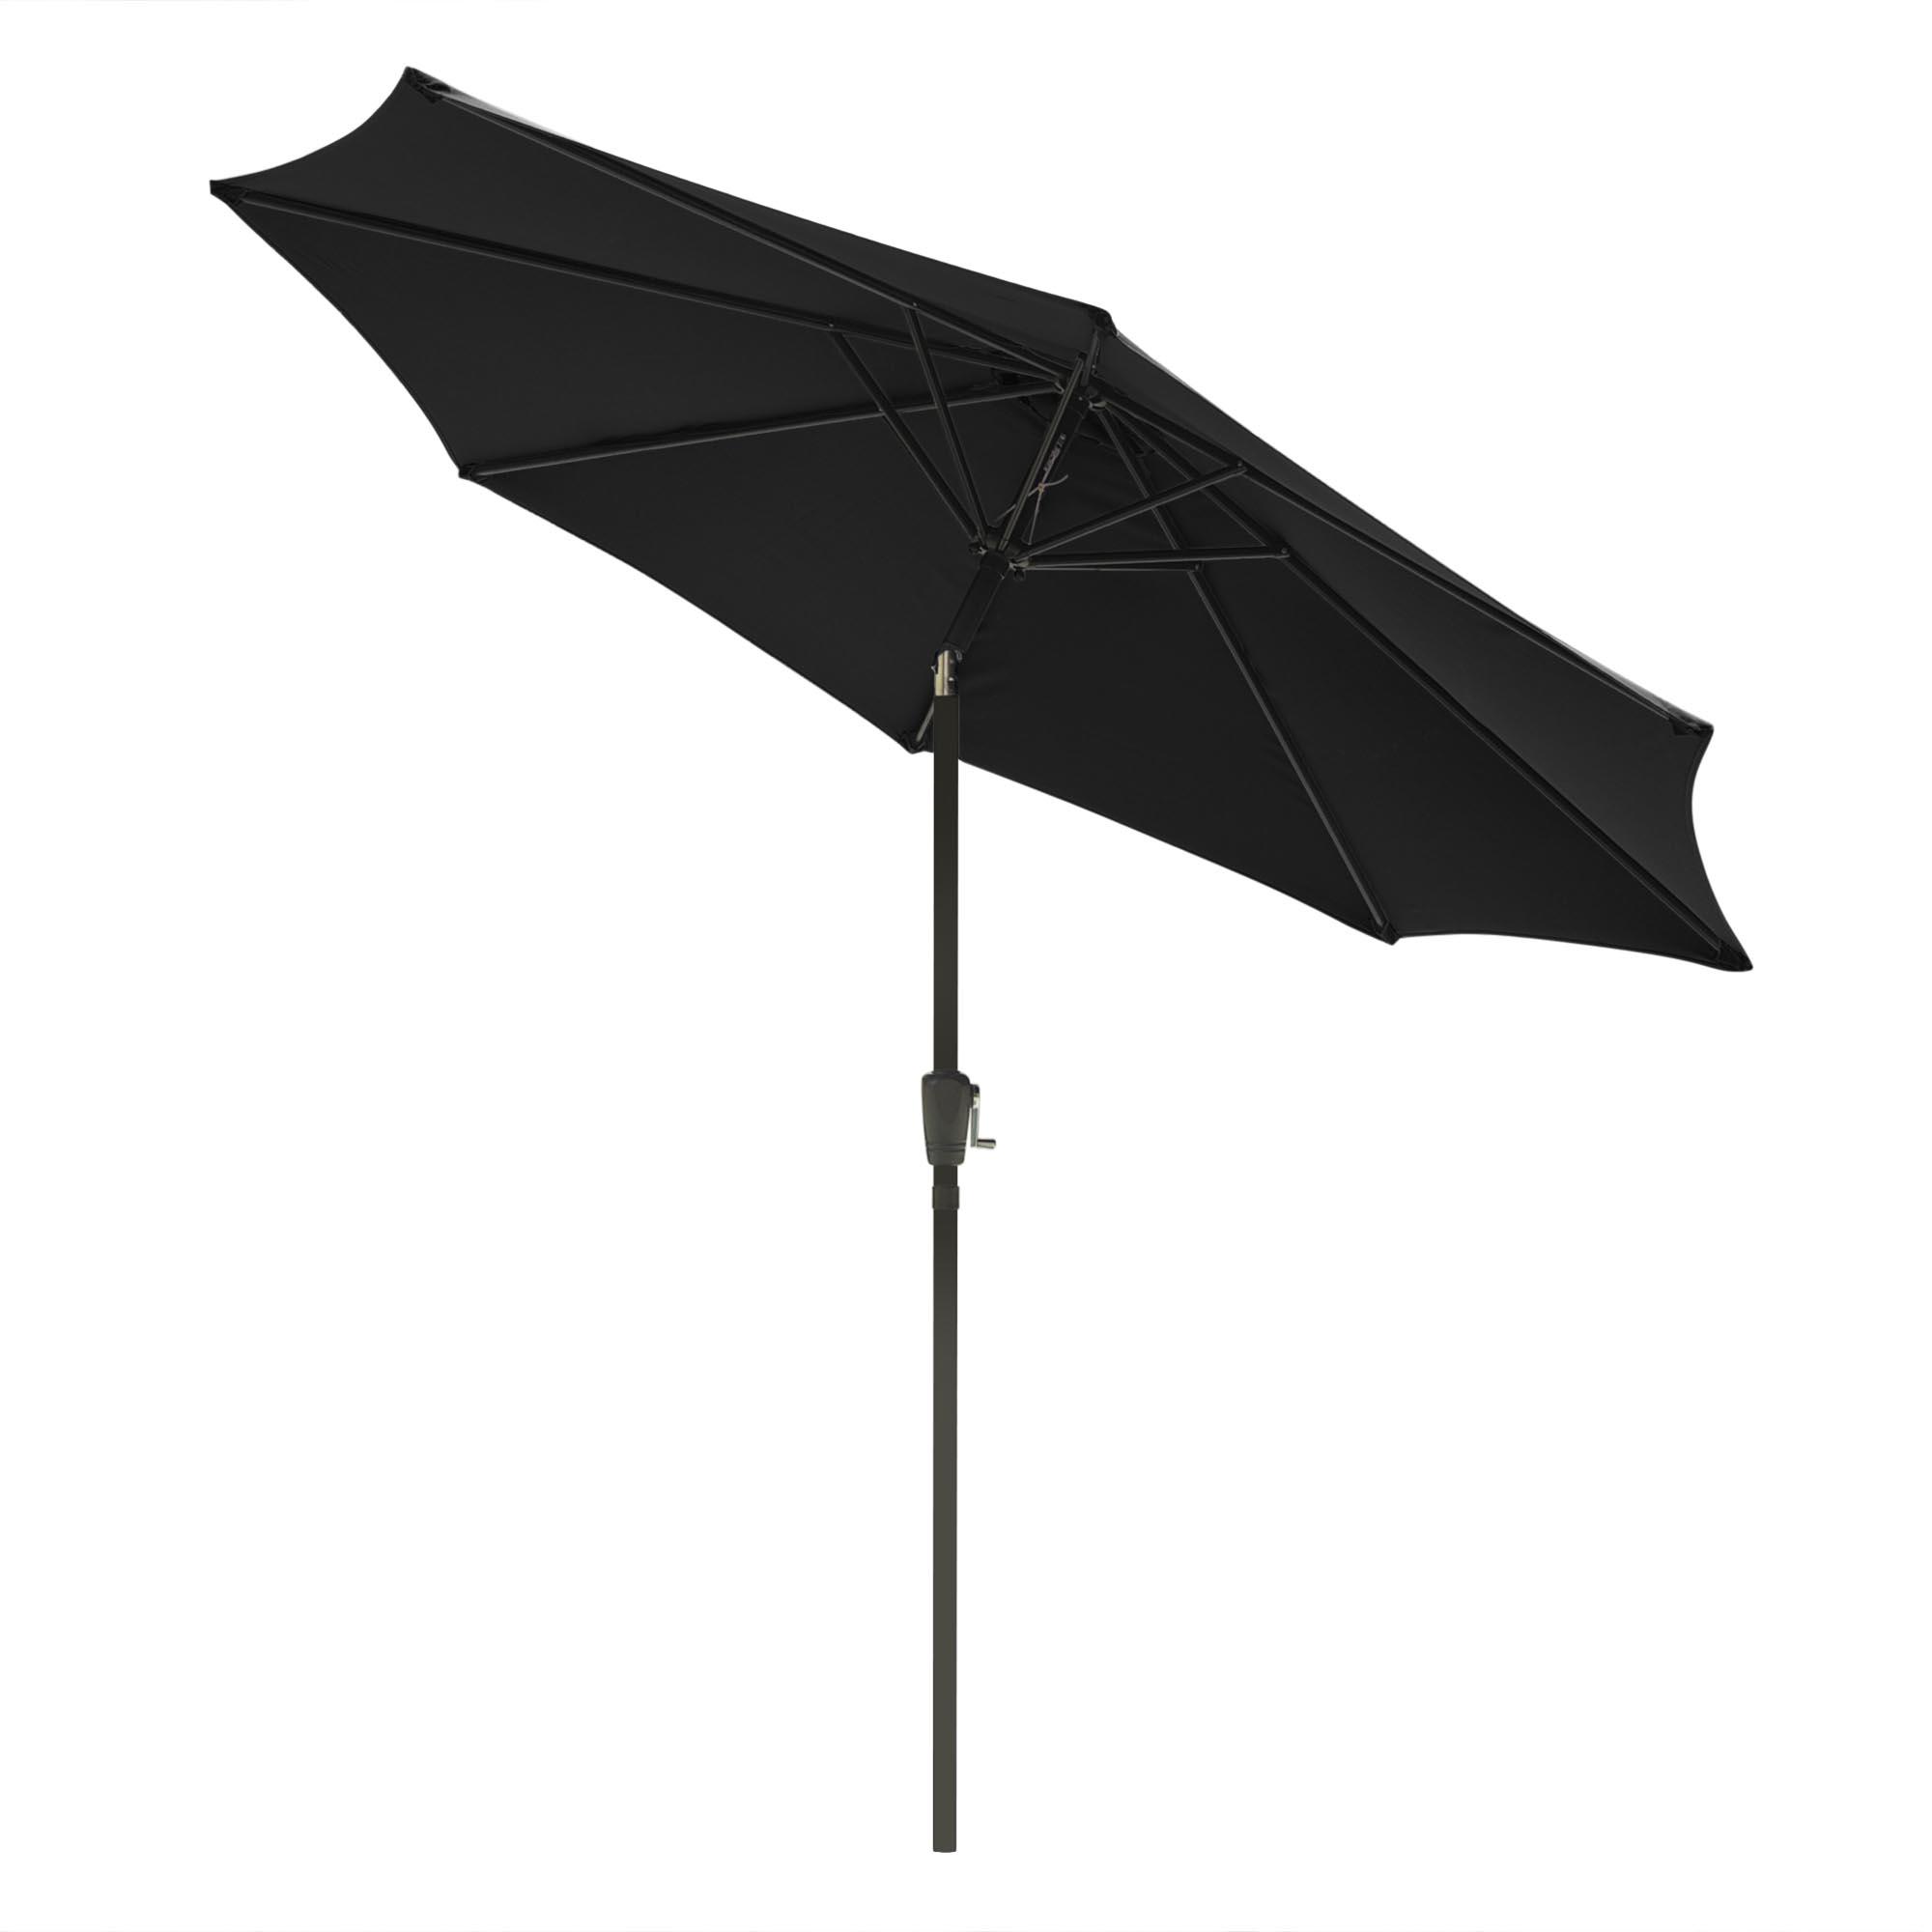 thumbnail 40 - 9' Outdoor Umbrella Patio 8 Ribs Market Garden Crank Tilt Beach Sunshade Parasol